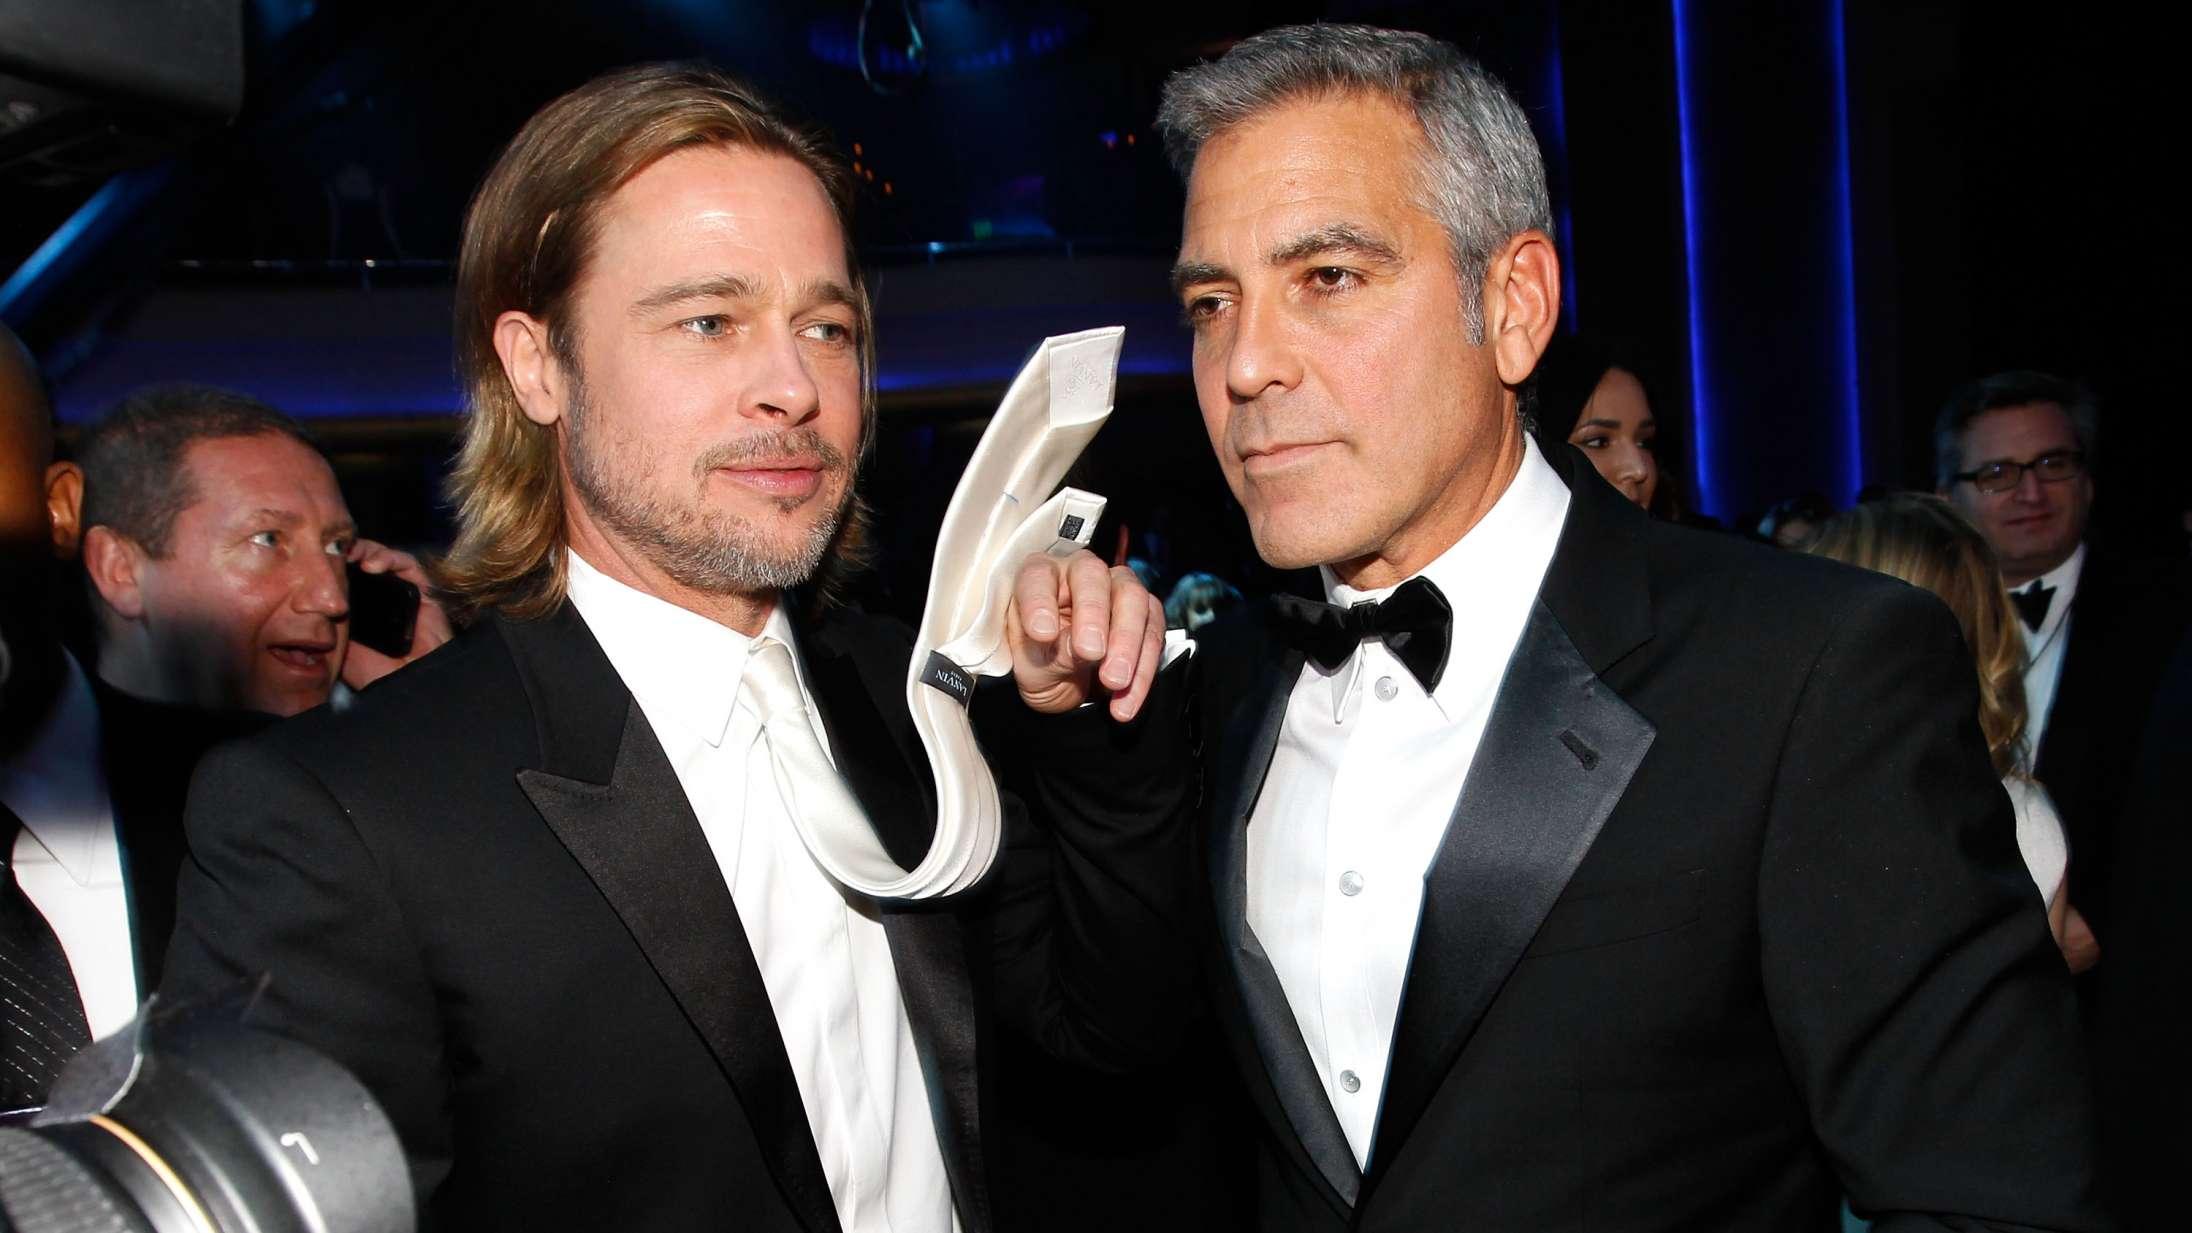 Alle i Hollywood kæmper om ny film med Brad Pitt og George Clooney